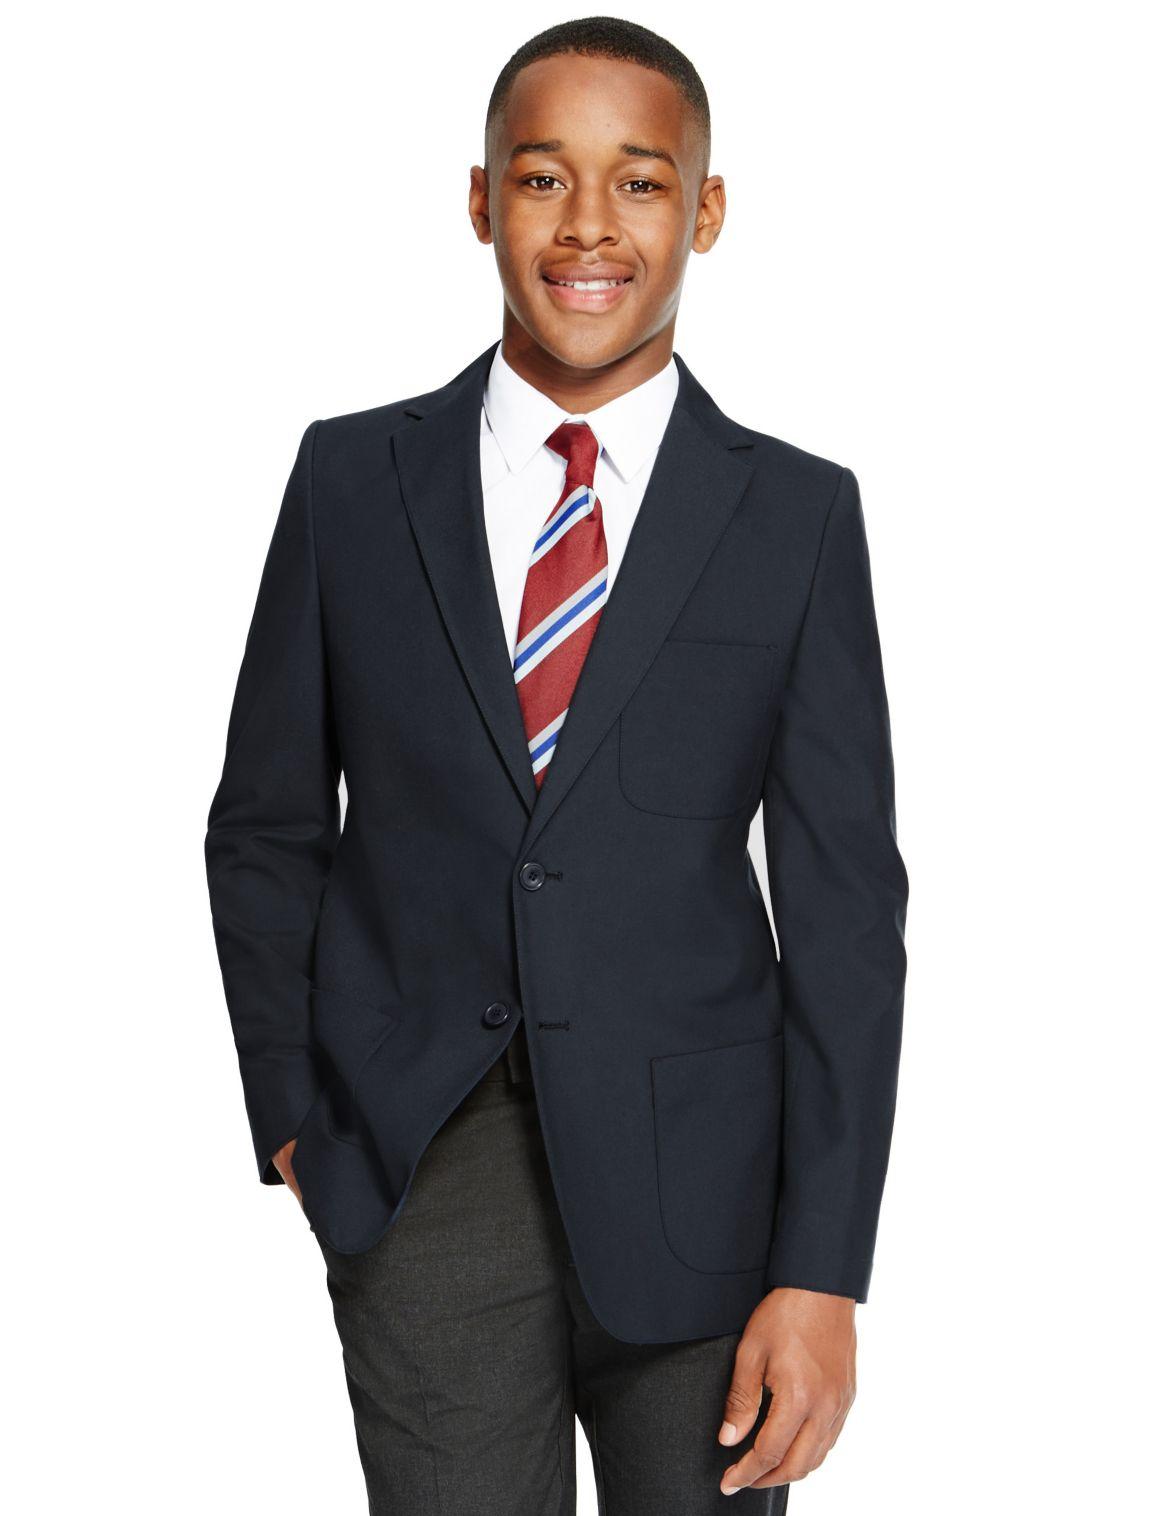 Blazer jeune homme infroissable. StyleForme du produit:Blazer;Coupe:Coupe standard;Fermeture:Devant boutonn??;Doublure;Longueur des manches:Manches lo